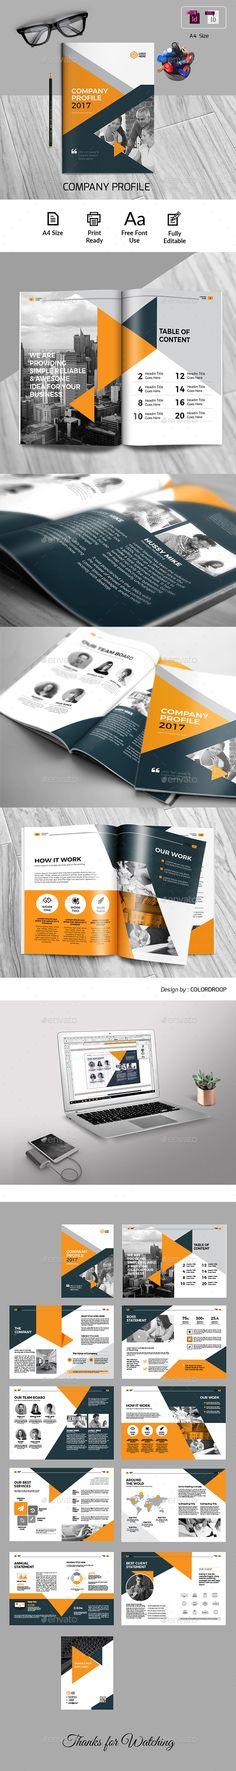 The Company Profile Company profile, Brochure template and Brochures - profile company template